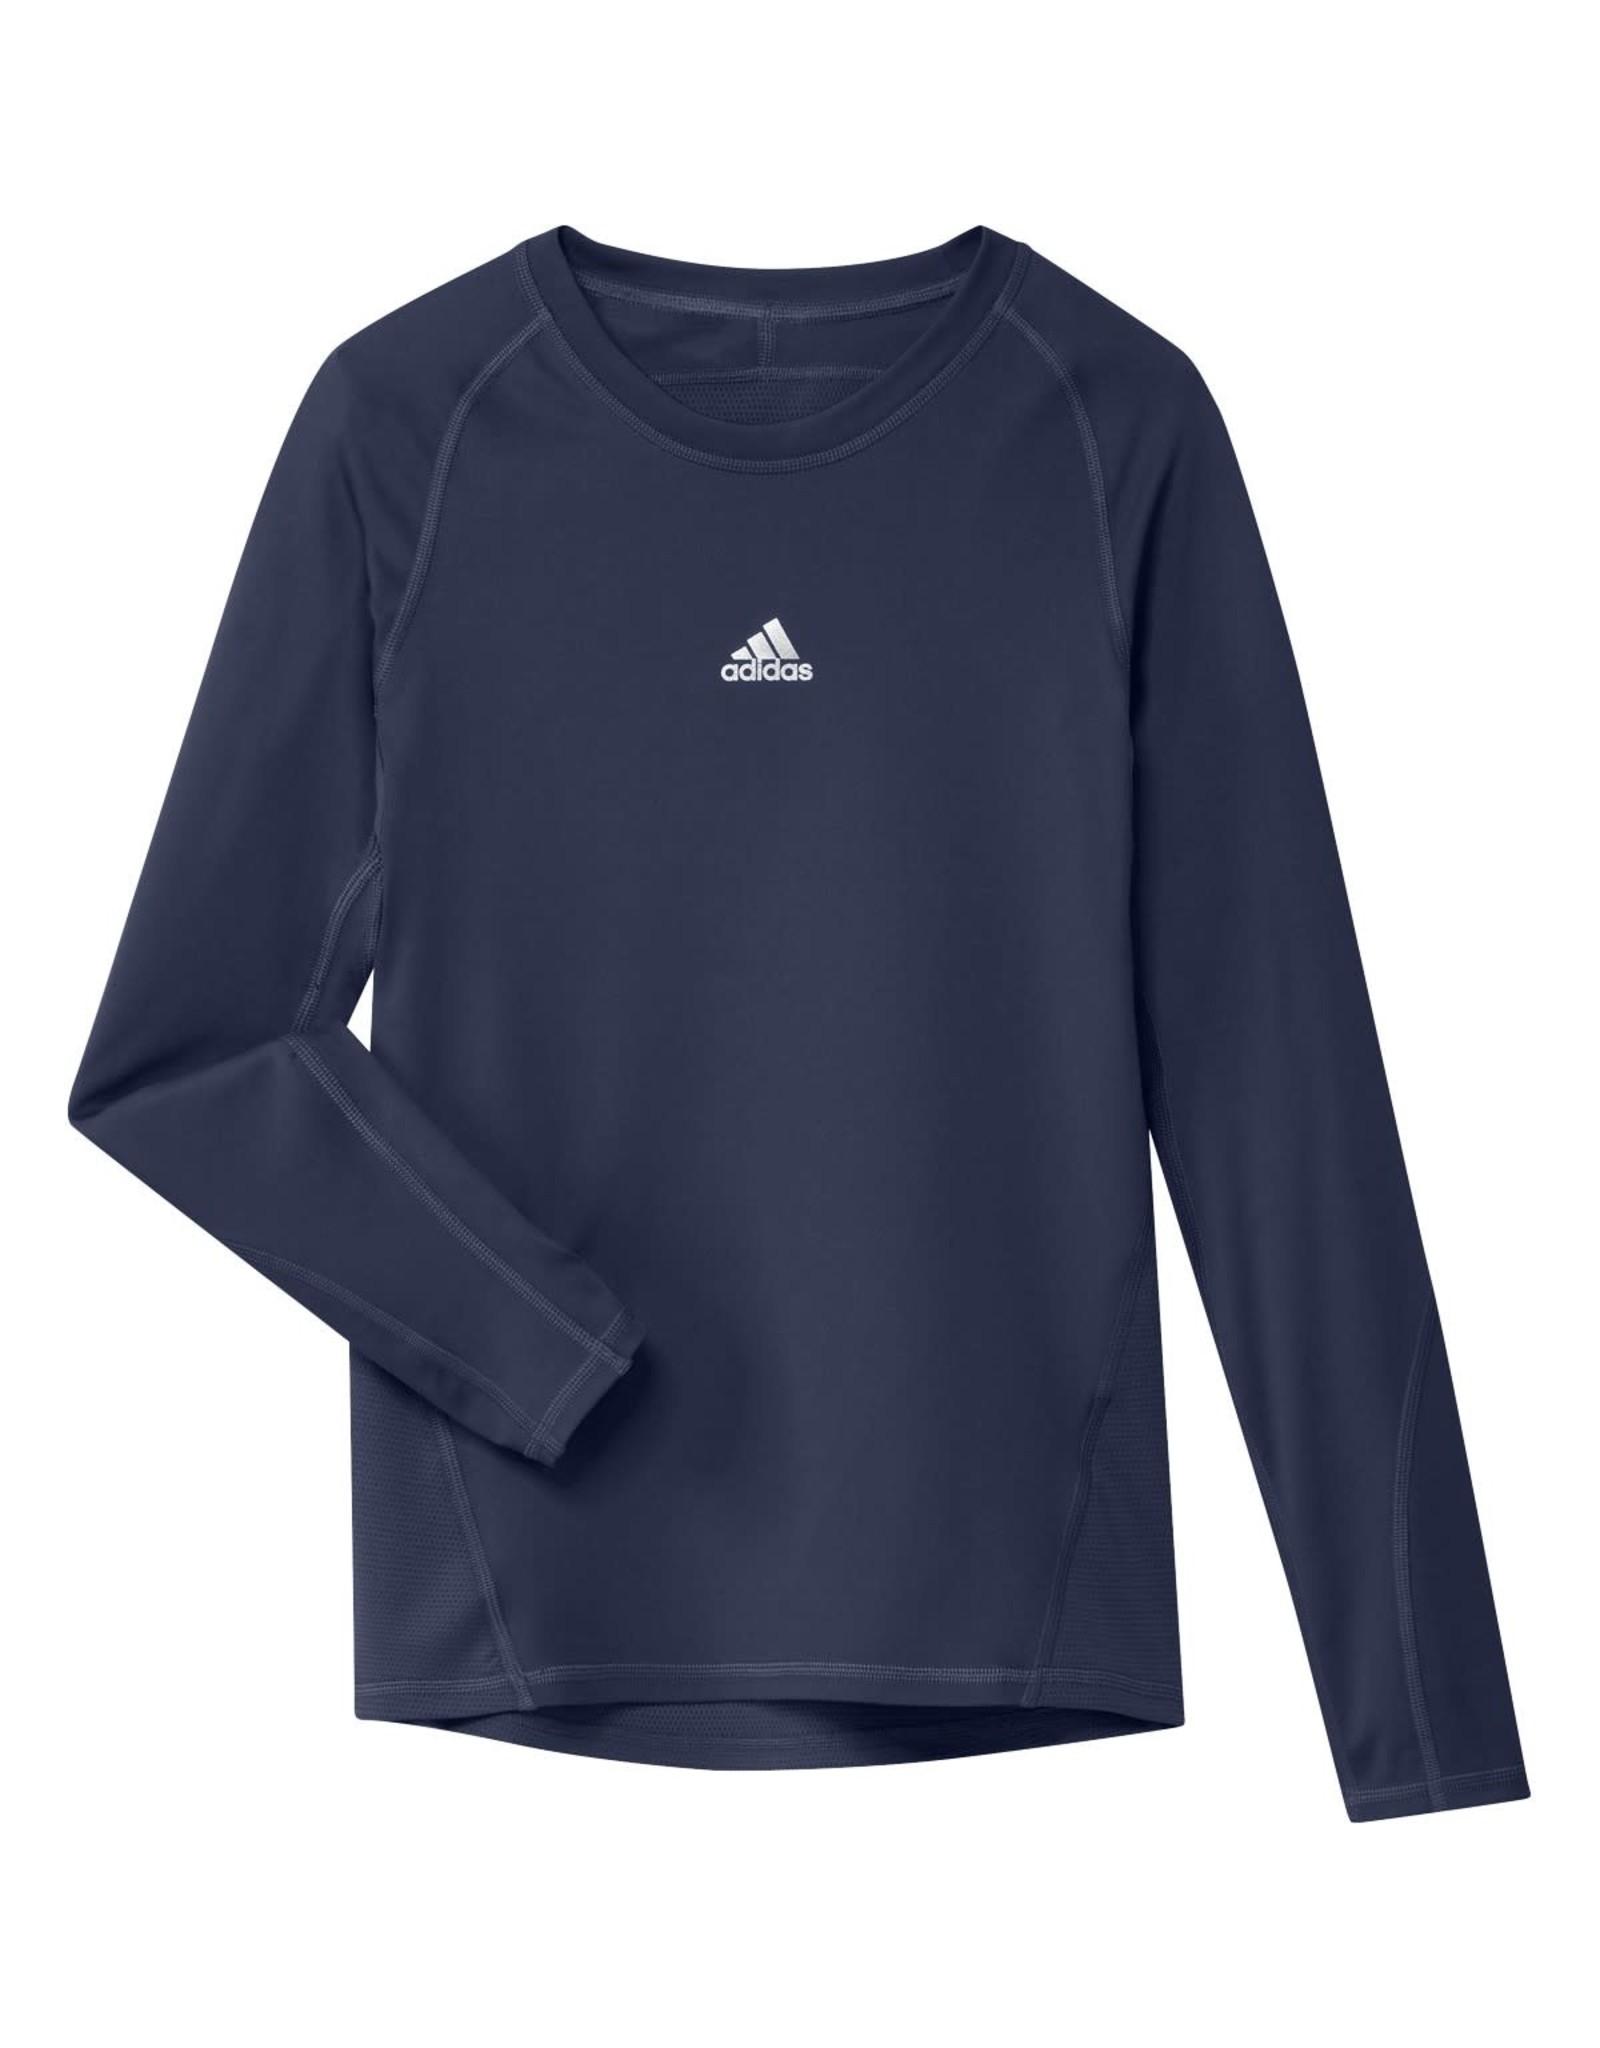 Adidas ADI ALPHA SKIN BASE LAYER YTH T